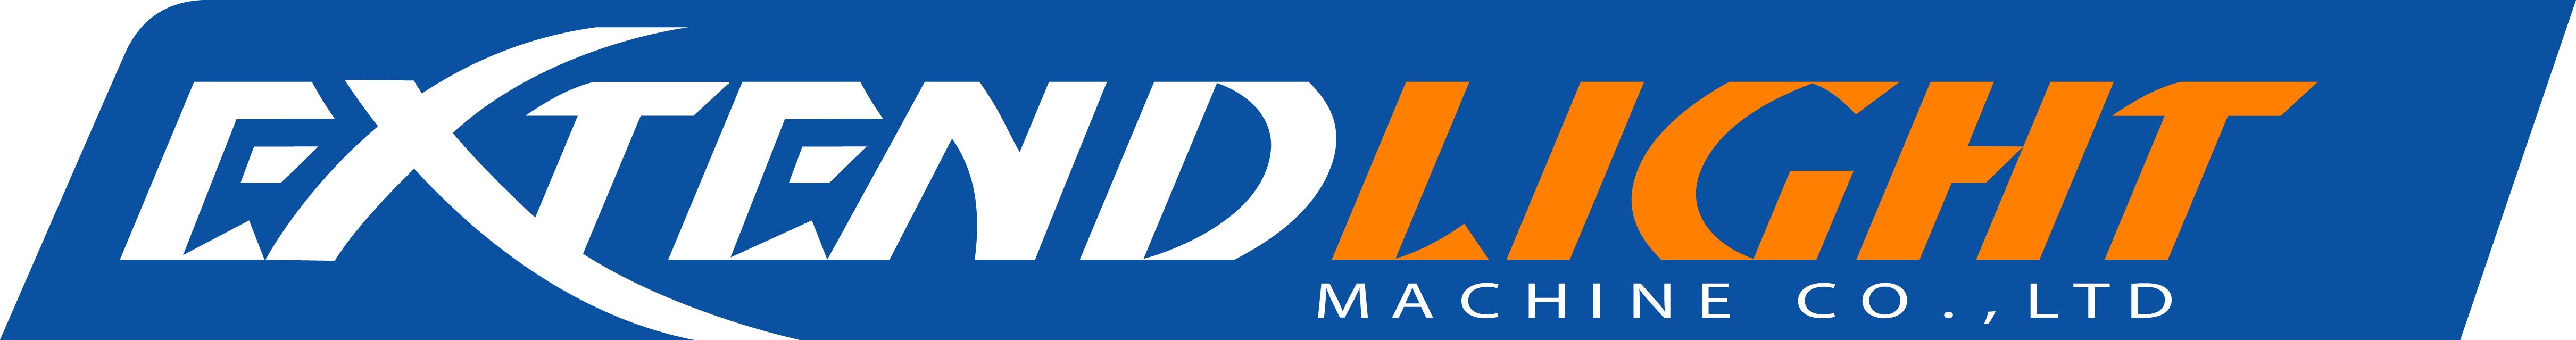 Extend Light Machinery Co., Ltd.